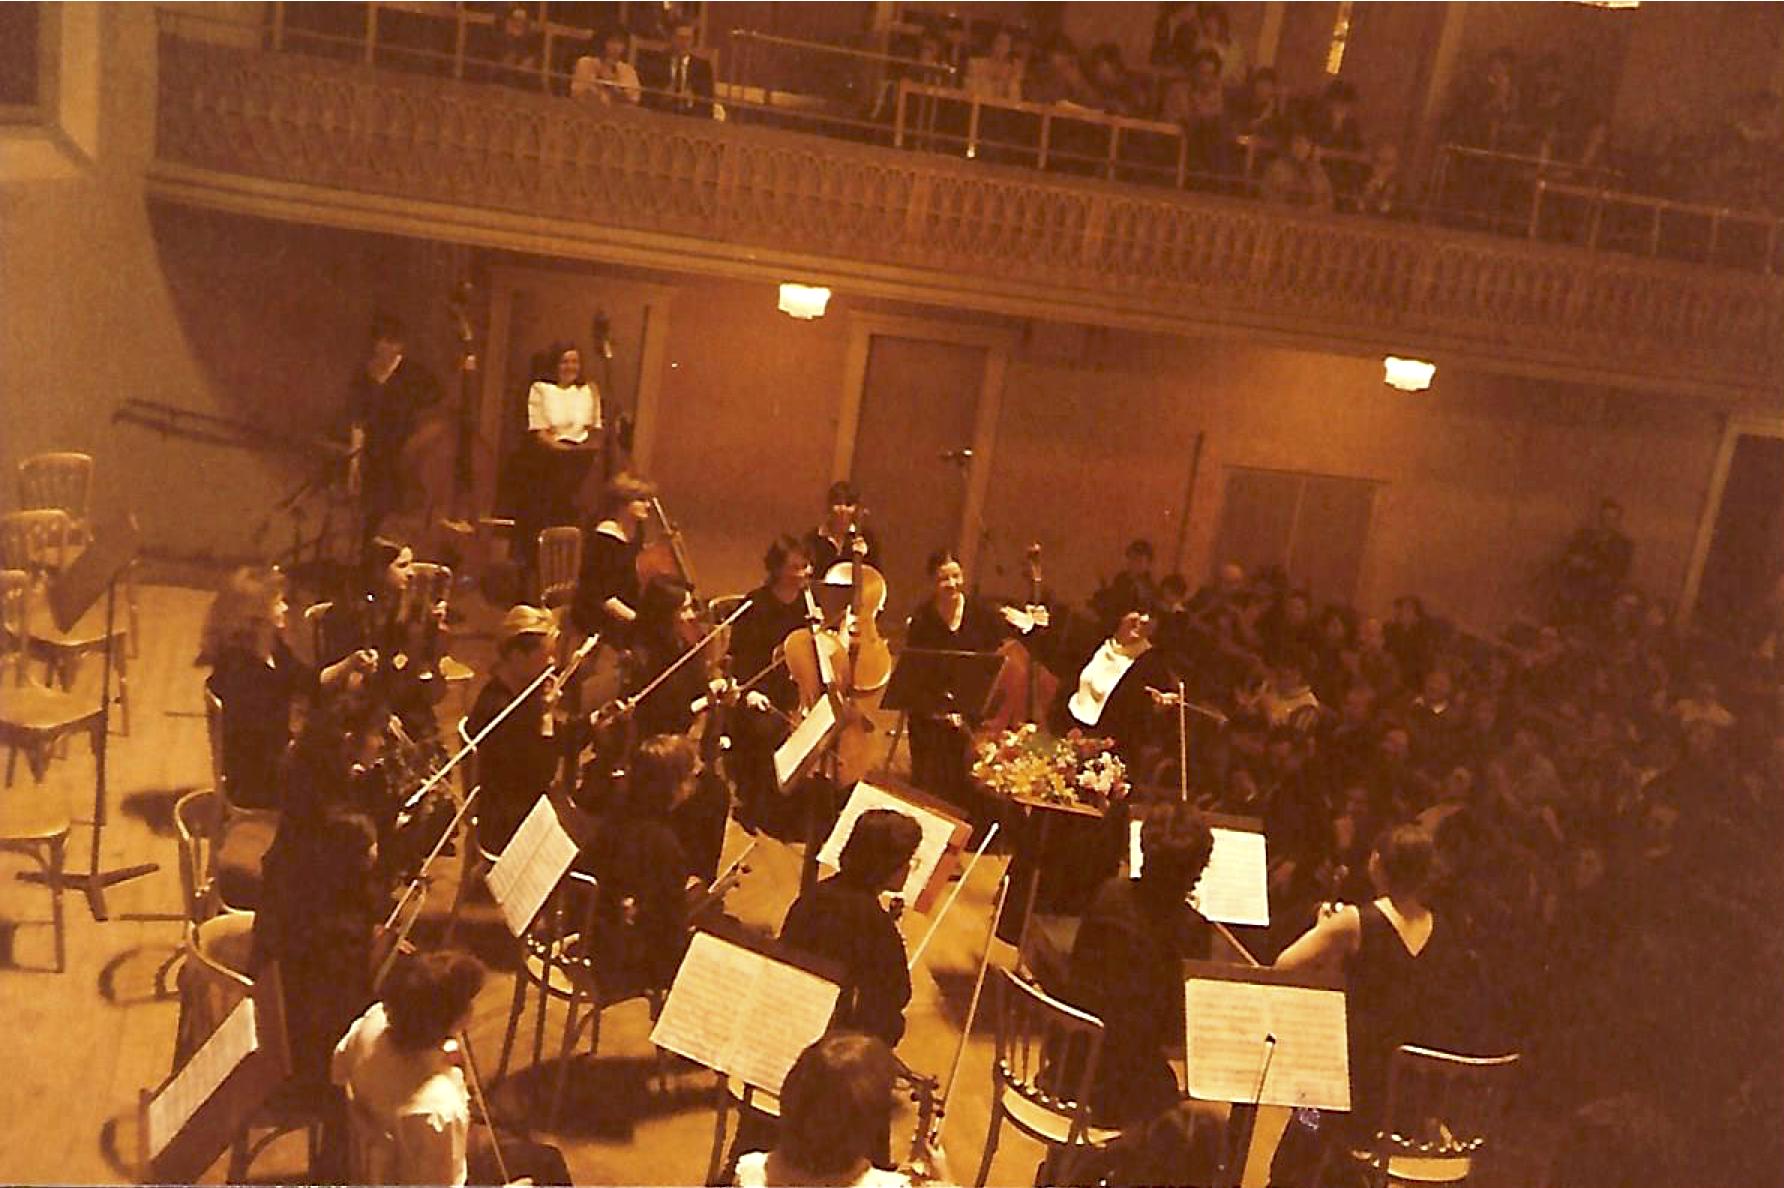 I. Frauen-Kammerorchester von Osterreich at the Mozart Hall of the Konzerthaus, Vienna